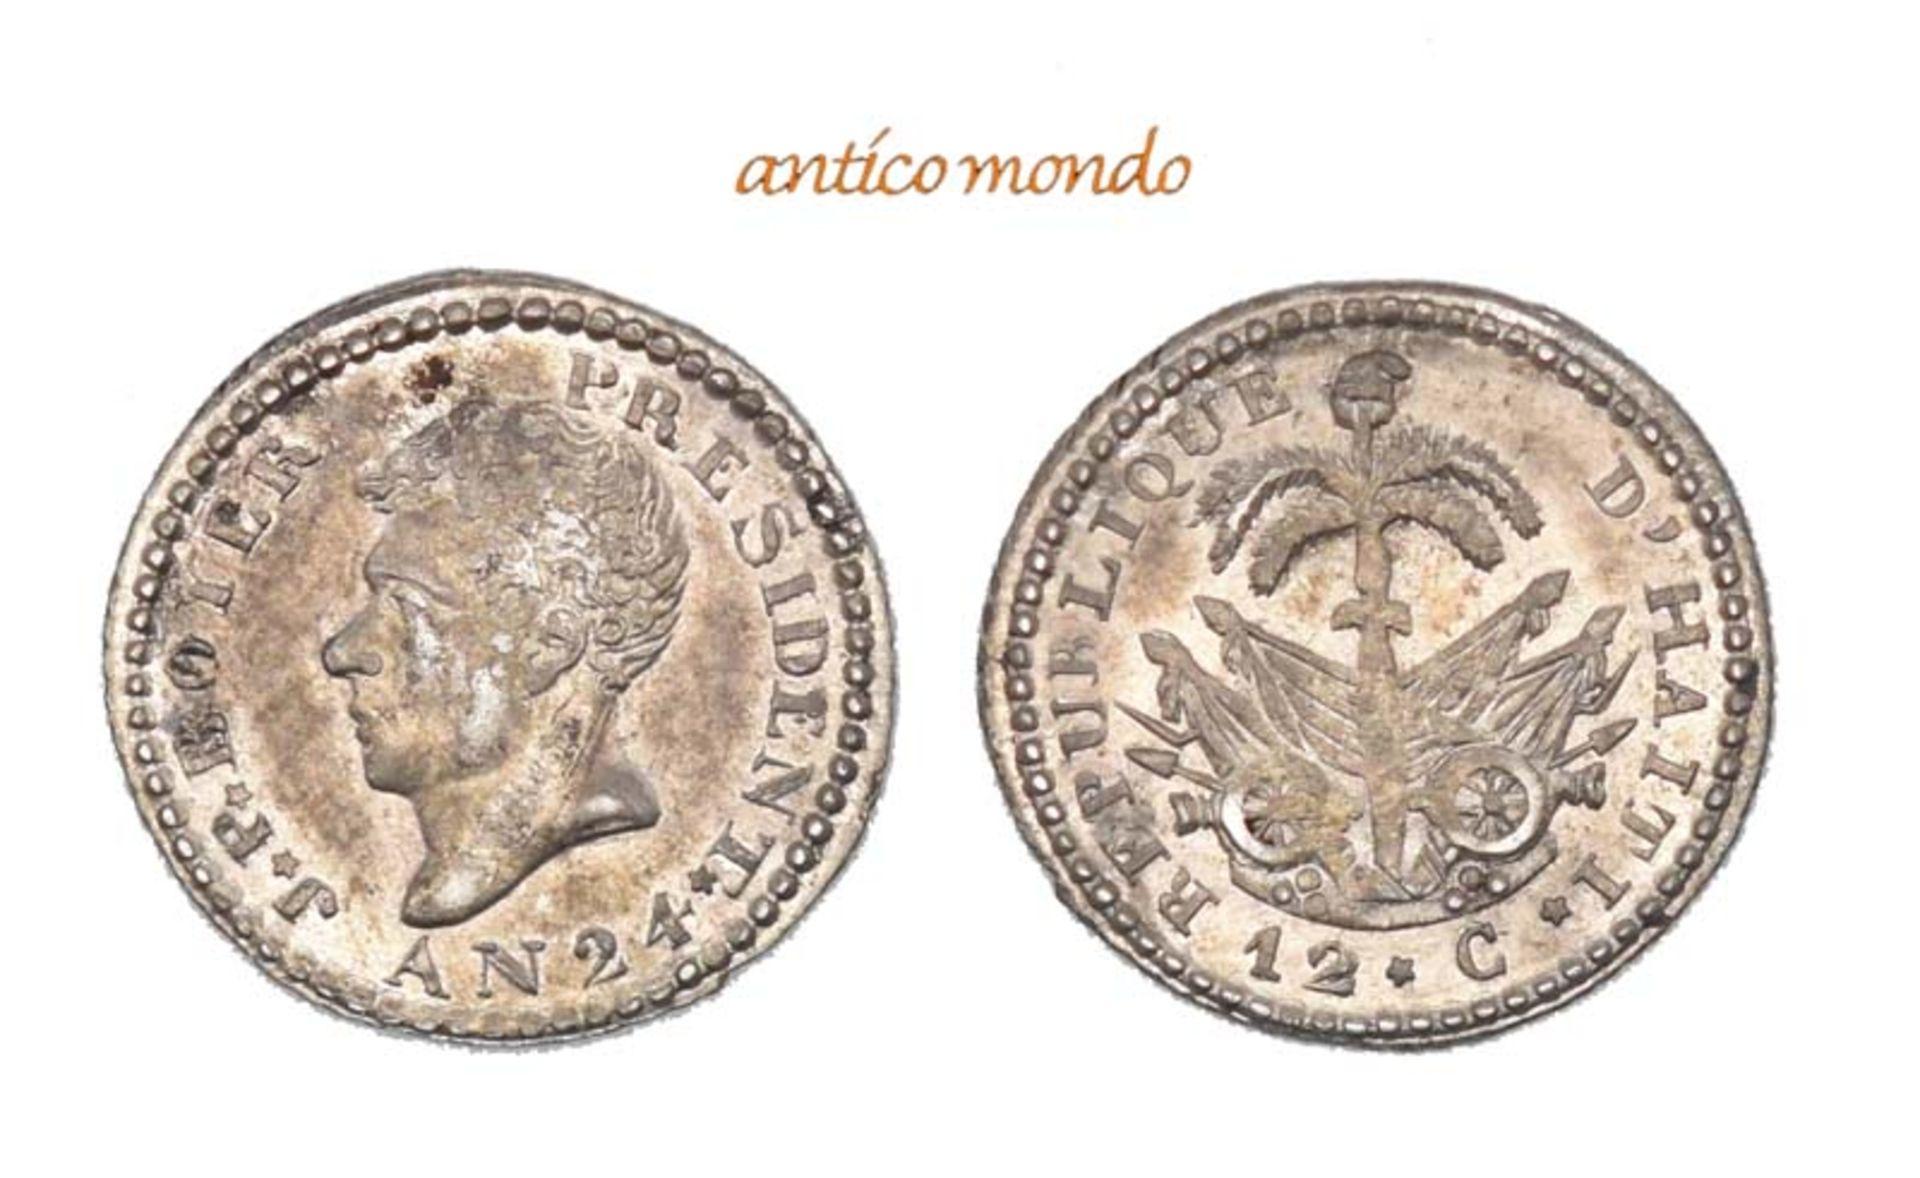 Haiti, Republik, 12 Centimes, An 24 (1827), vorzüglich-Stempelglanz, 1,41 g- - -21.50 % buyer's